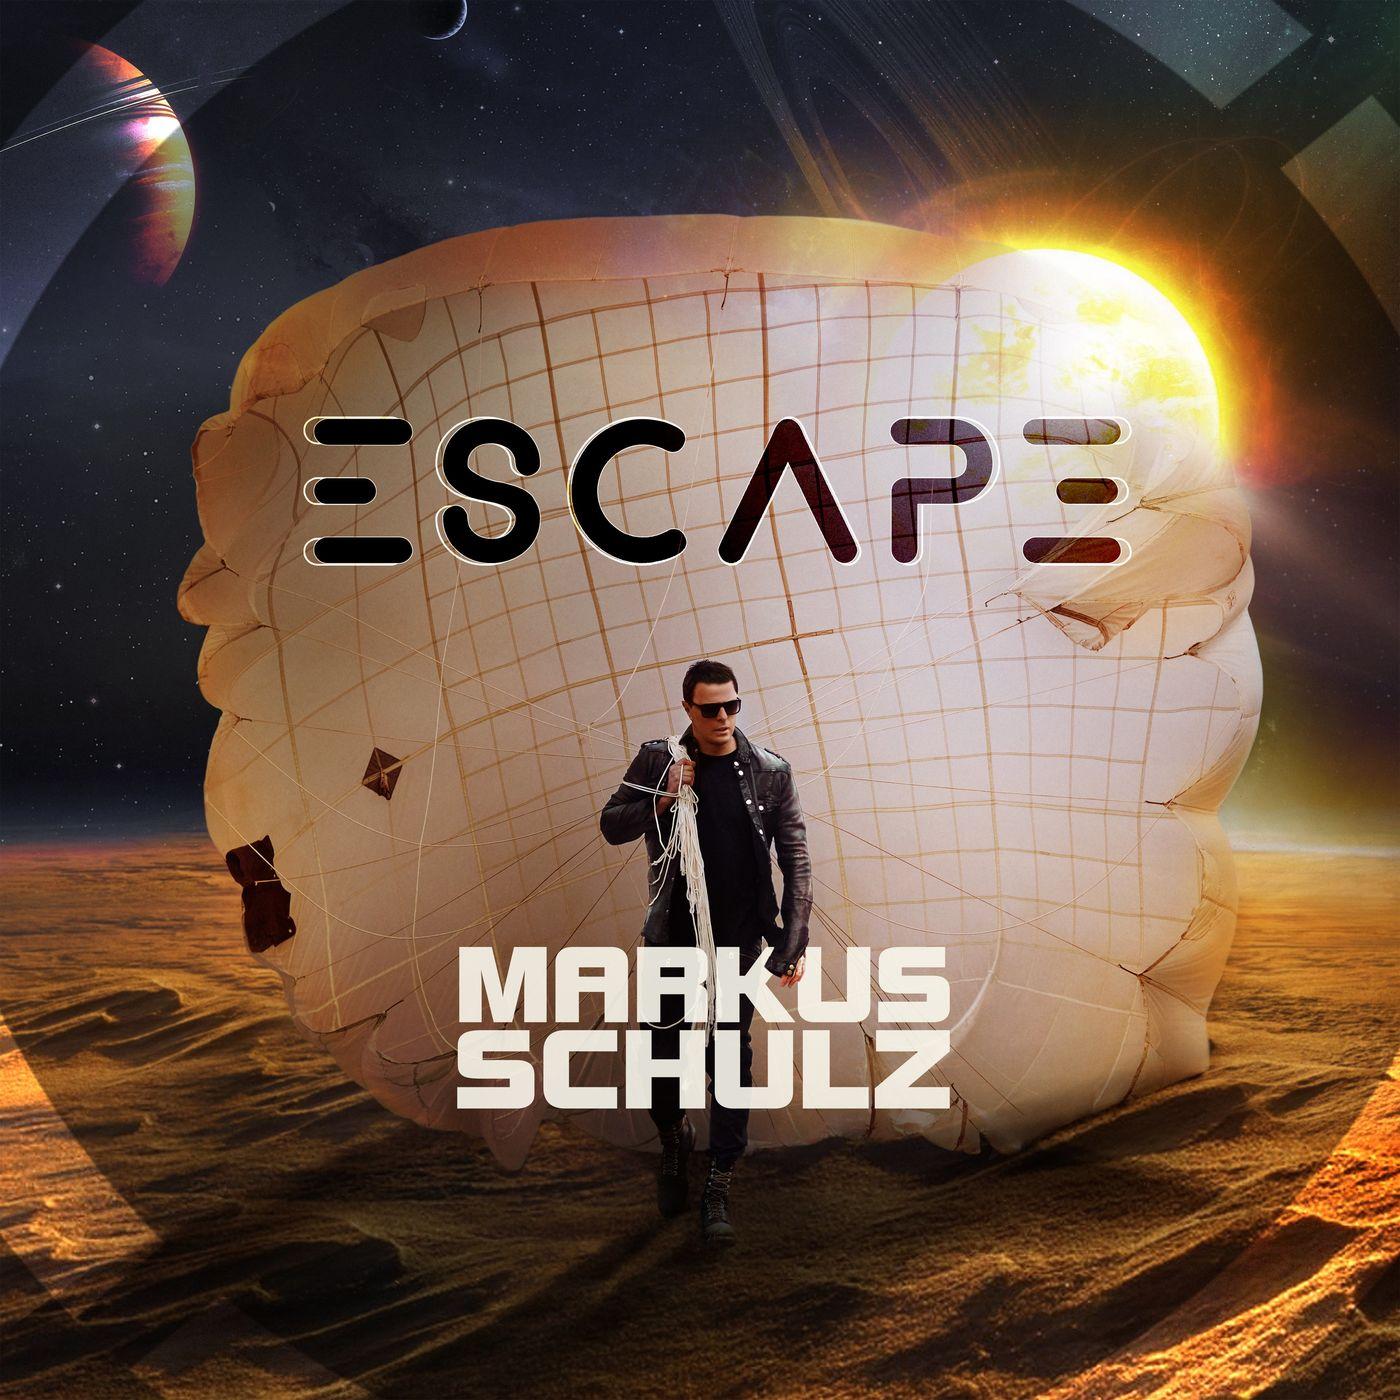 Markus Schulz - Escape (2020/FLAC)